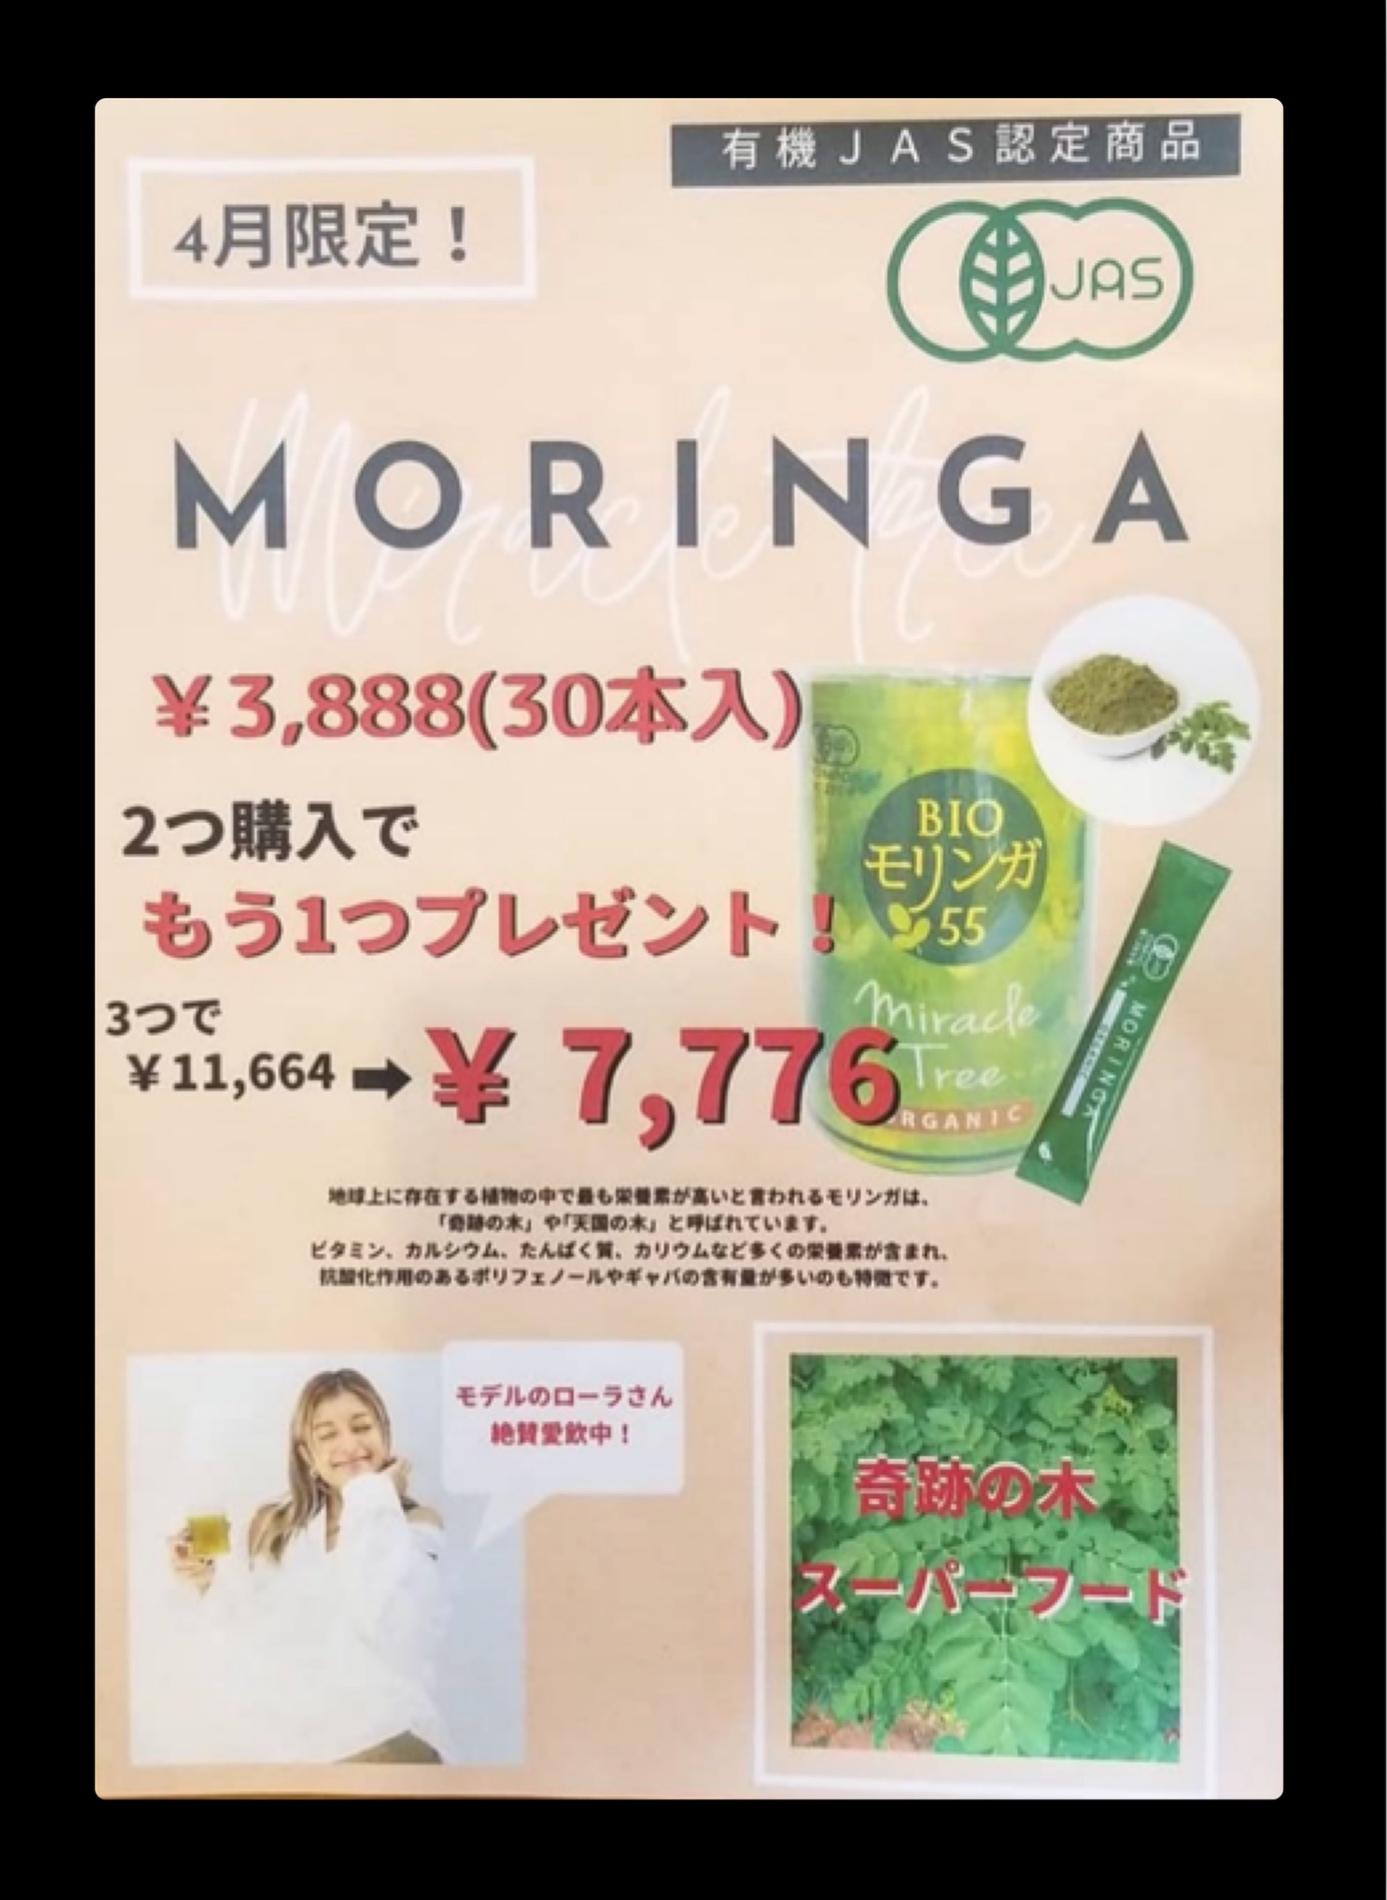 ブログ:モリンガ【キャンペーン】